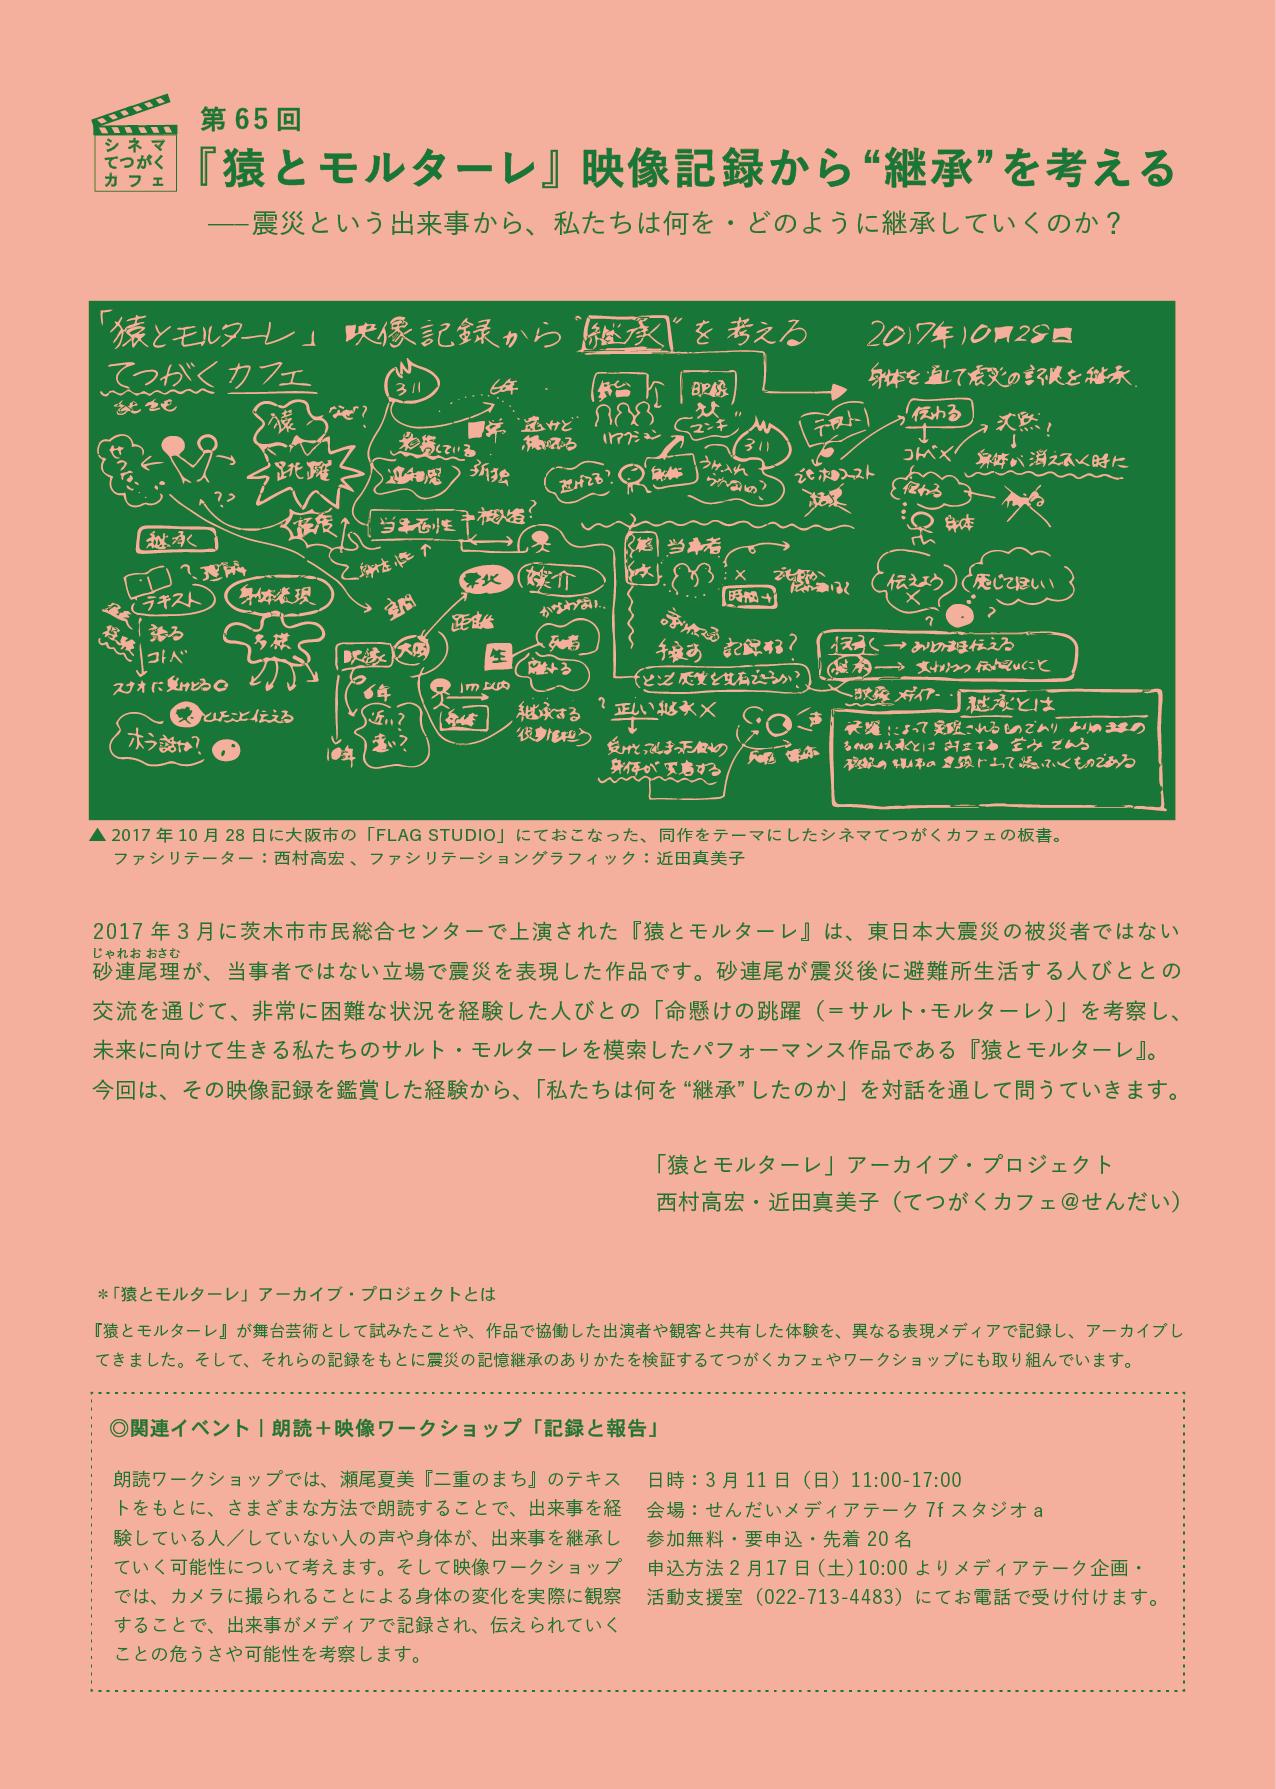 シネマてつがくカフェ2月分_決定版-02.png